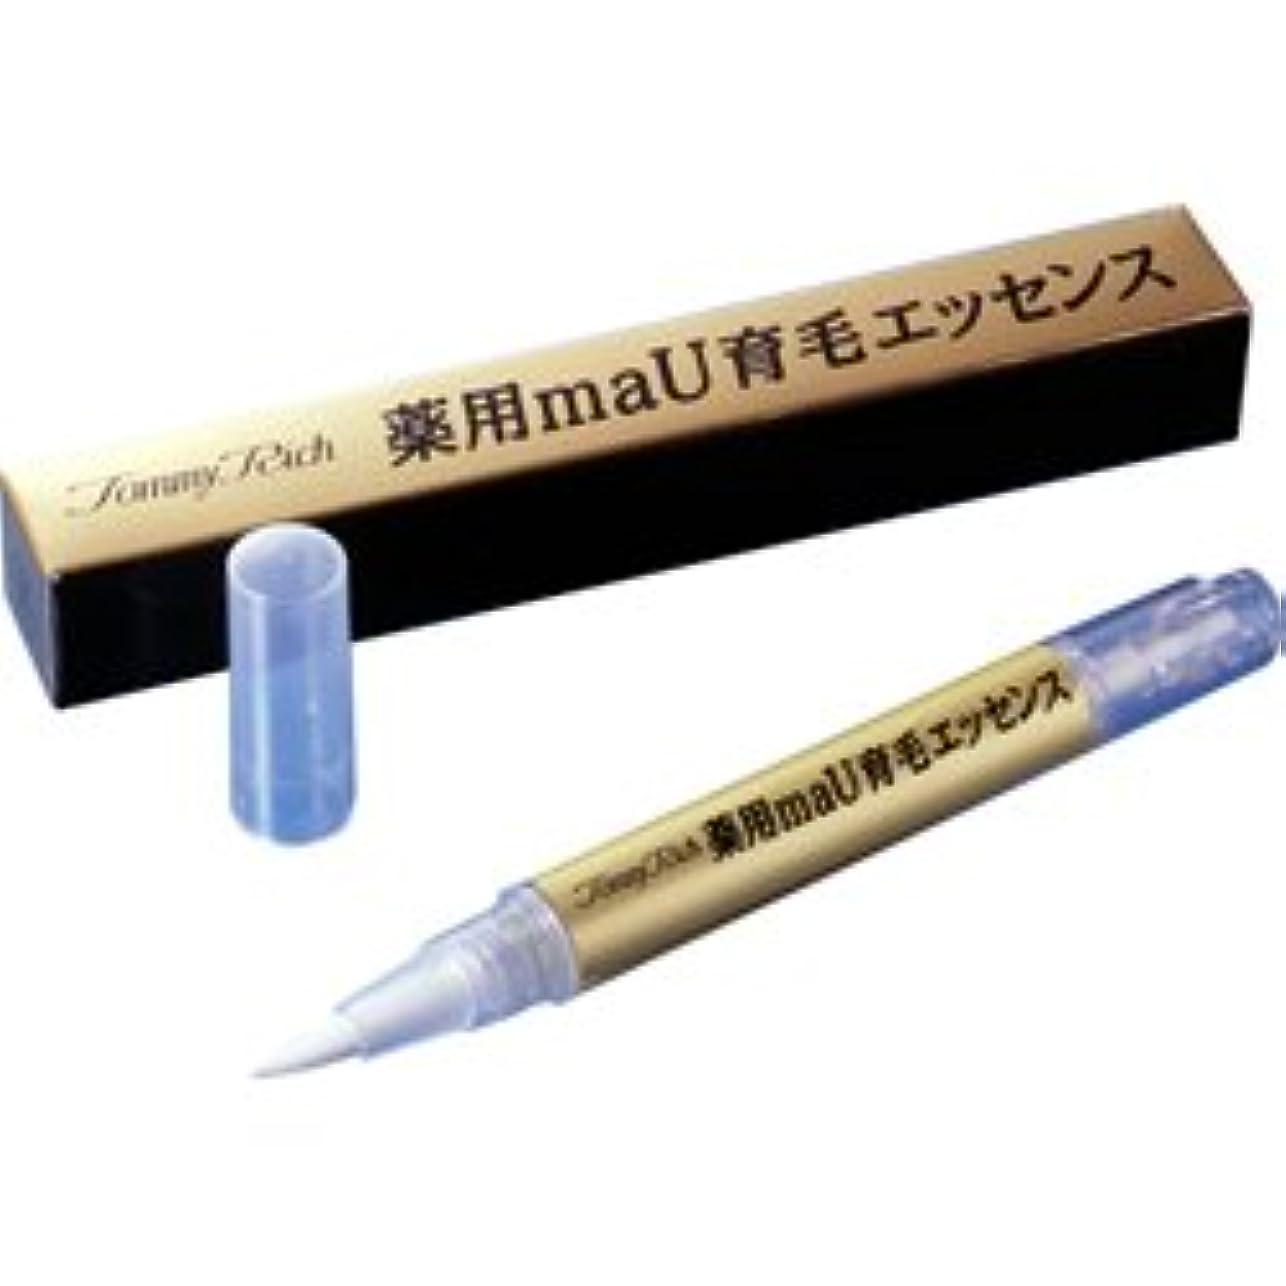 裂け目掃く今後【ハイリッチ】トミーリッチ 薬用maU育毛エッセンス (医薬部外品) ×10個セット